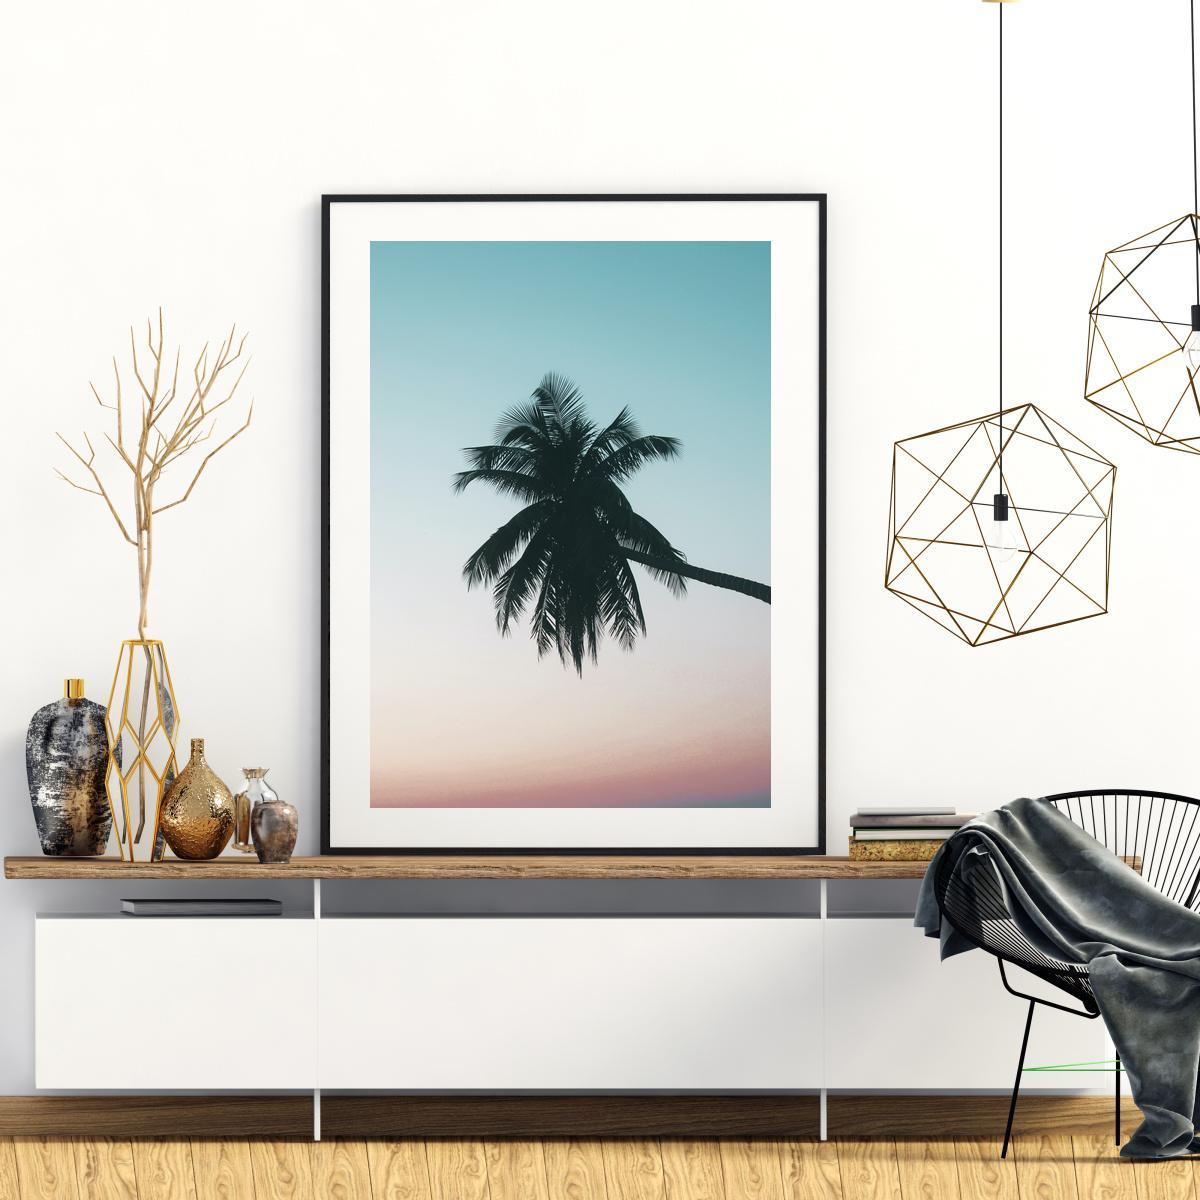 Plakát - Palma pří západu slunce (S040026SA4)